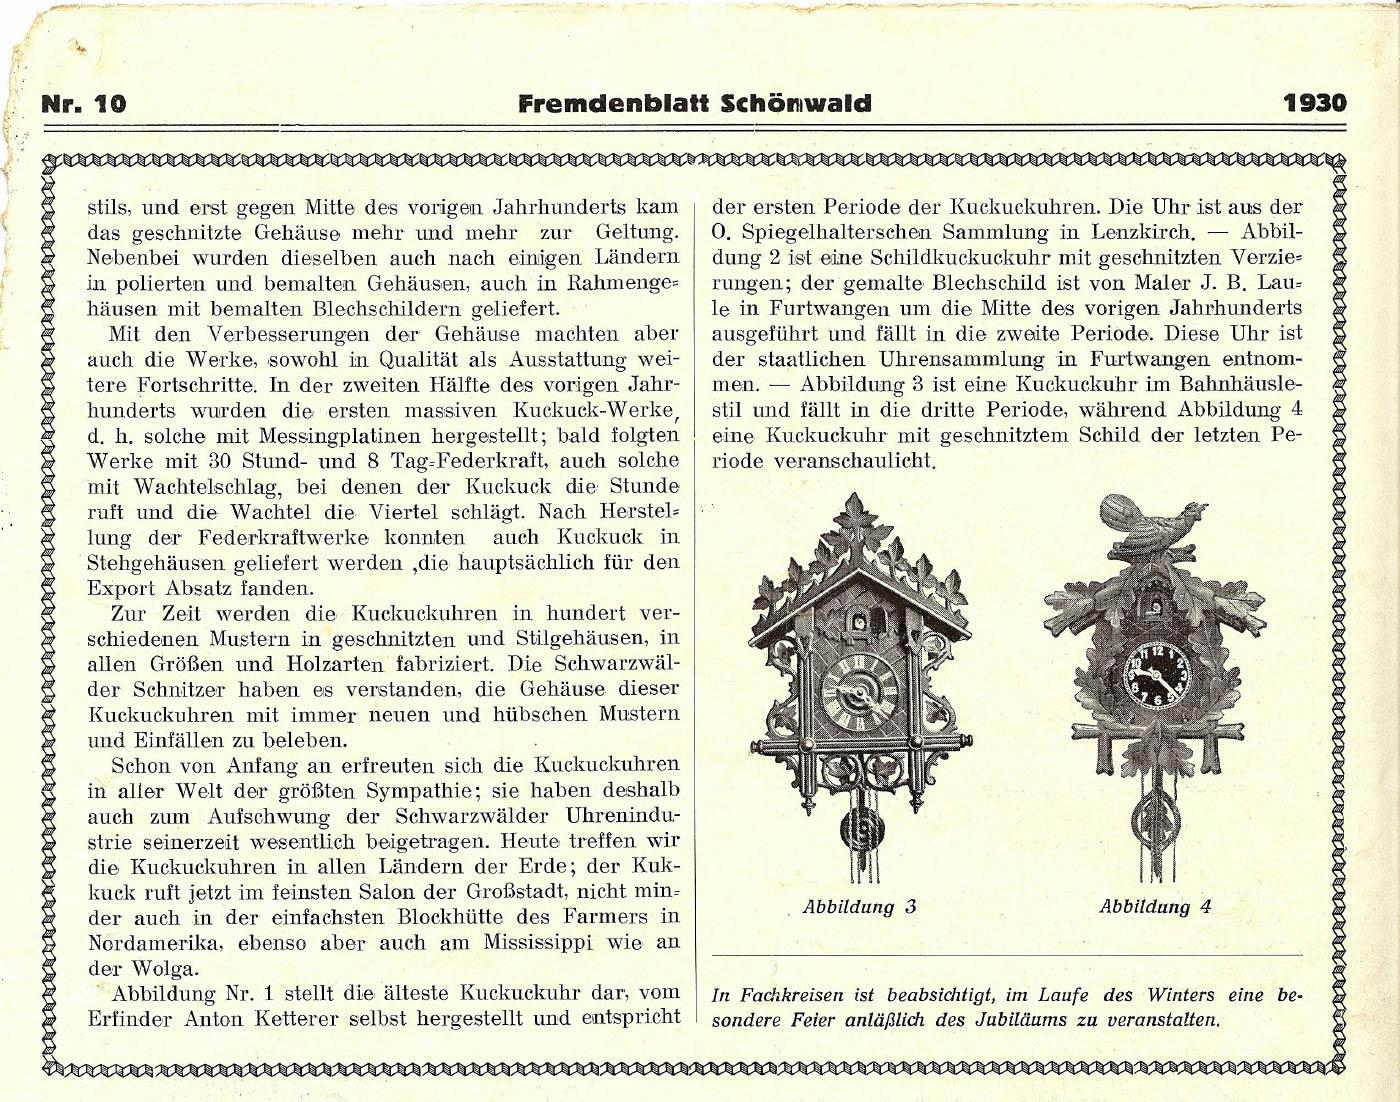 Fremdenblatt Schönwald Seite 2